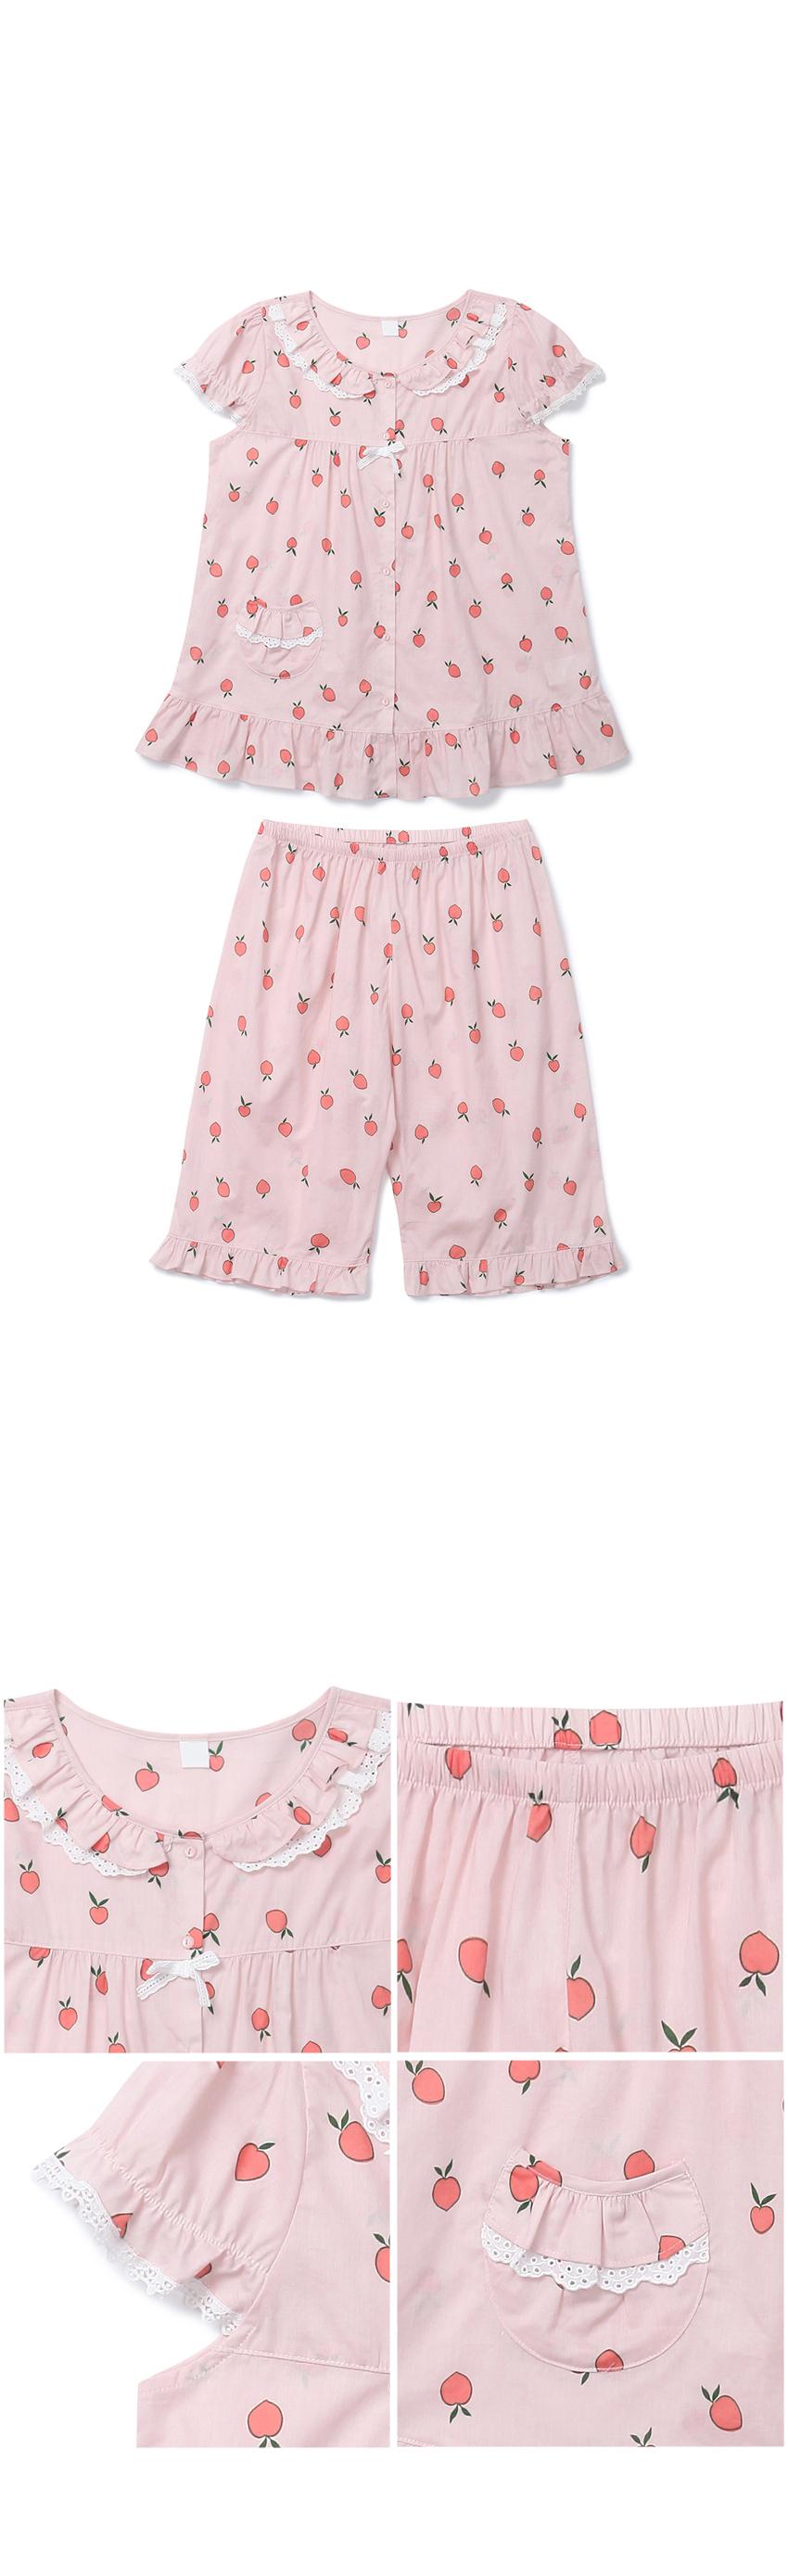 피치 아사면 여자 여름잠옷 파자마 홈웨어 - 바이메이비, 55,800원, 잠옷, 여성파자마